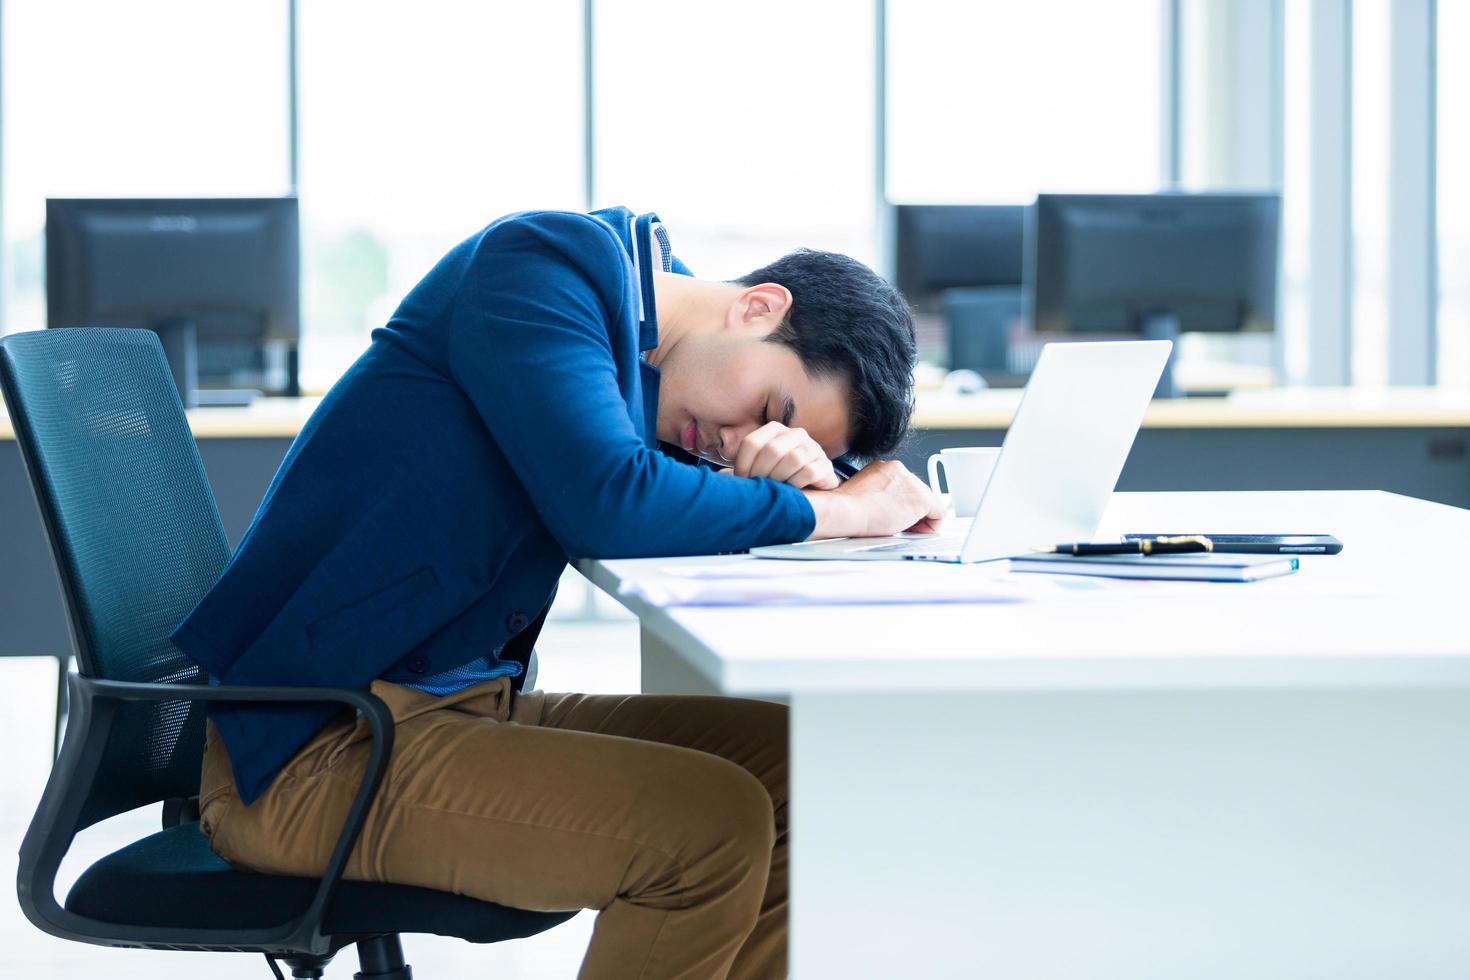 jeune homme d'affaires asiatique faisant une sieste au travail photo